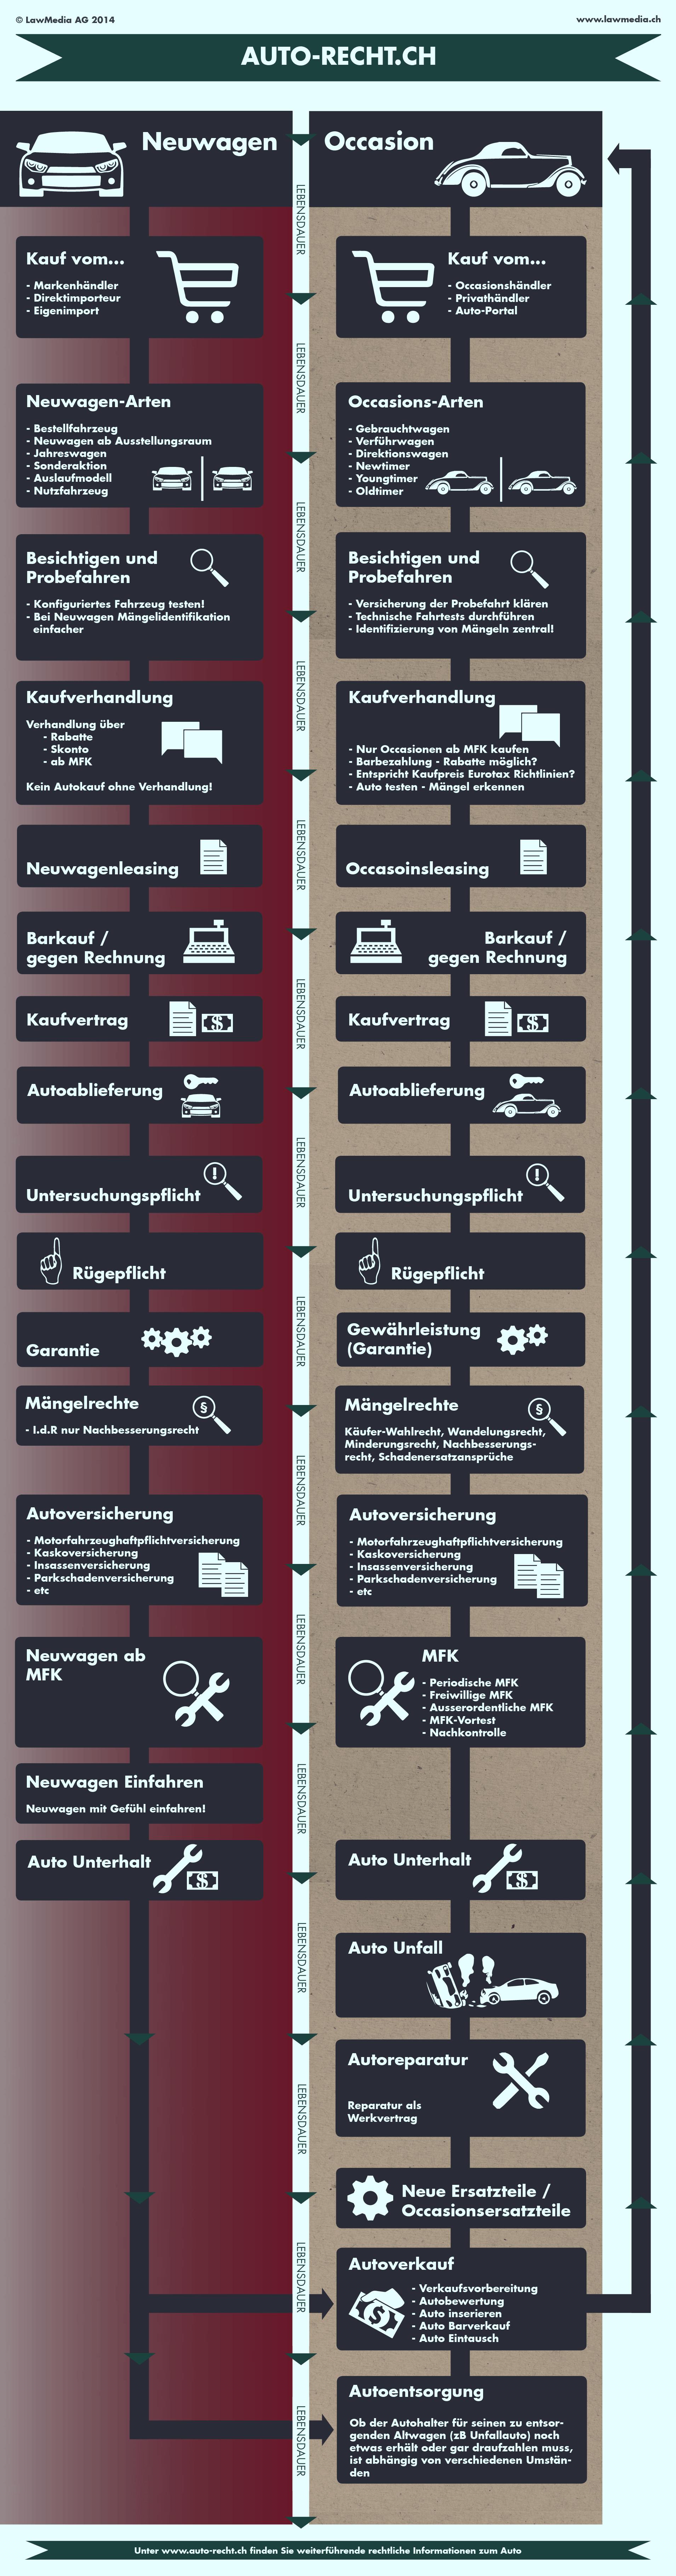 infographik auto-recht.ch